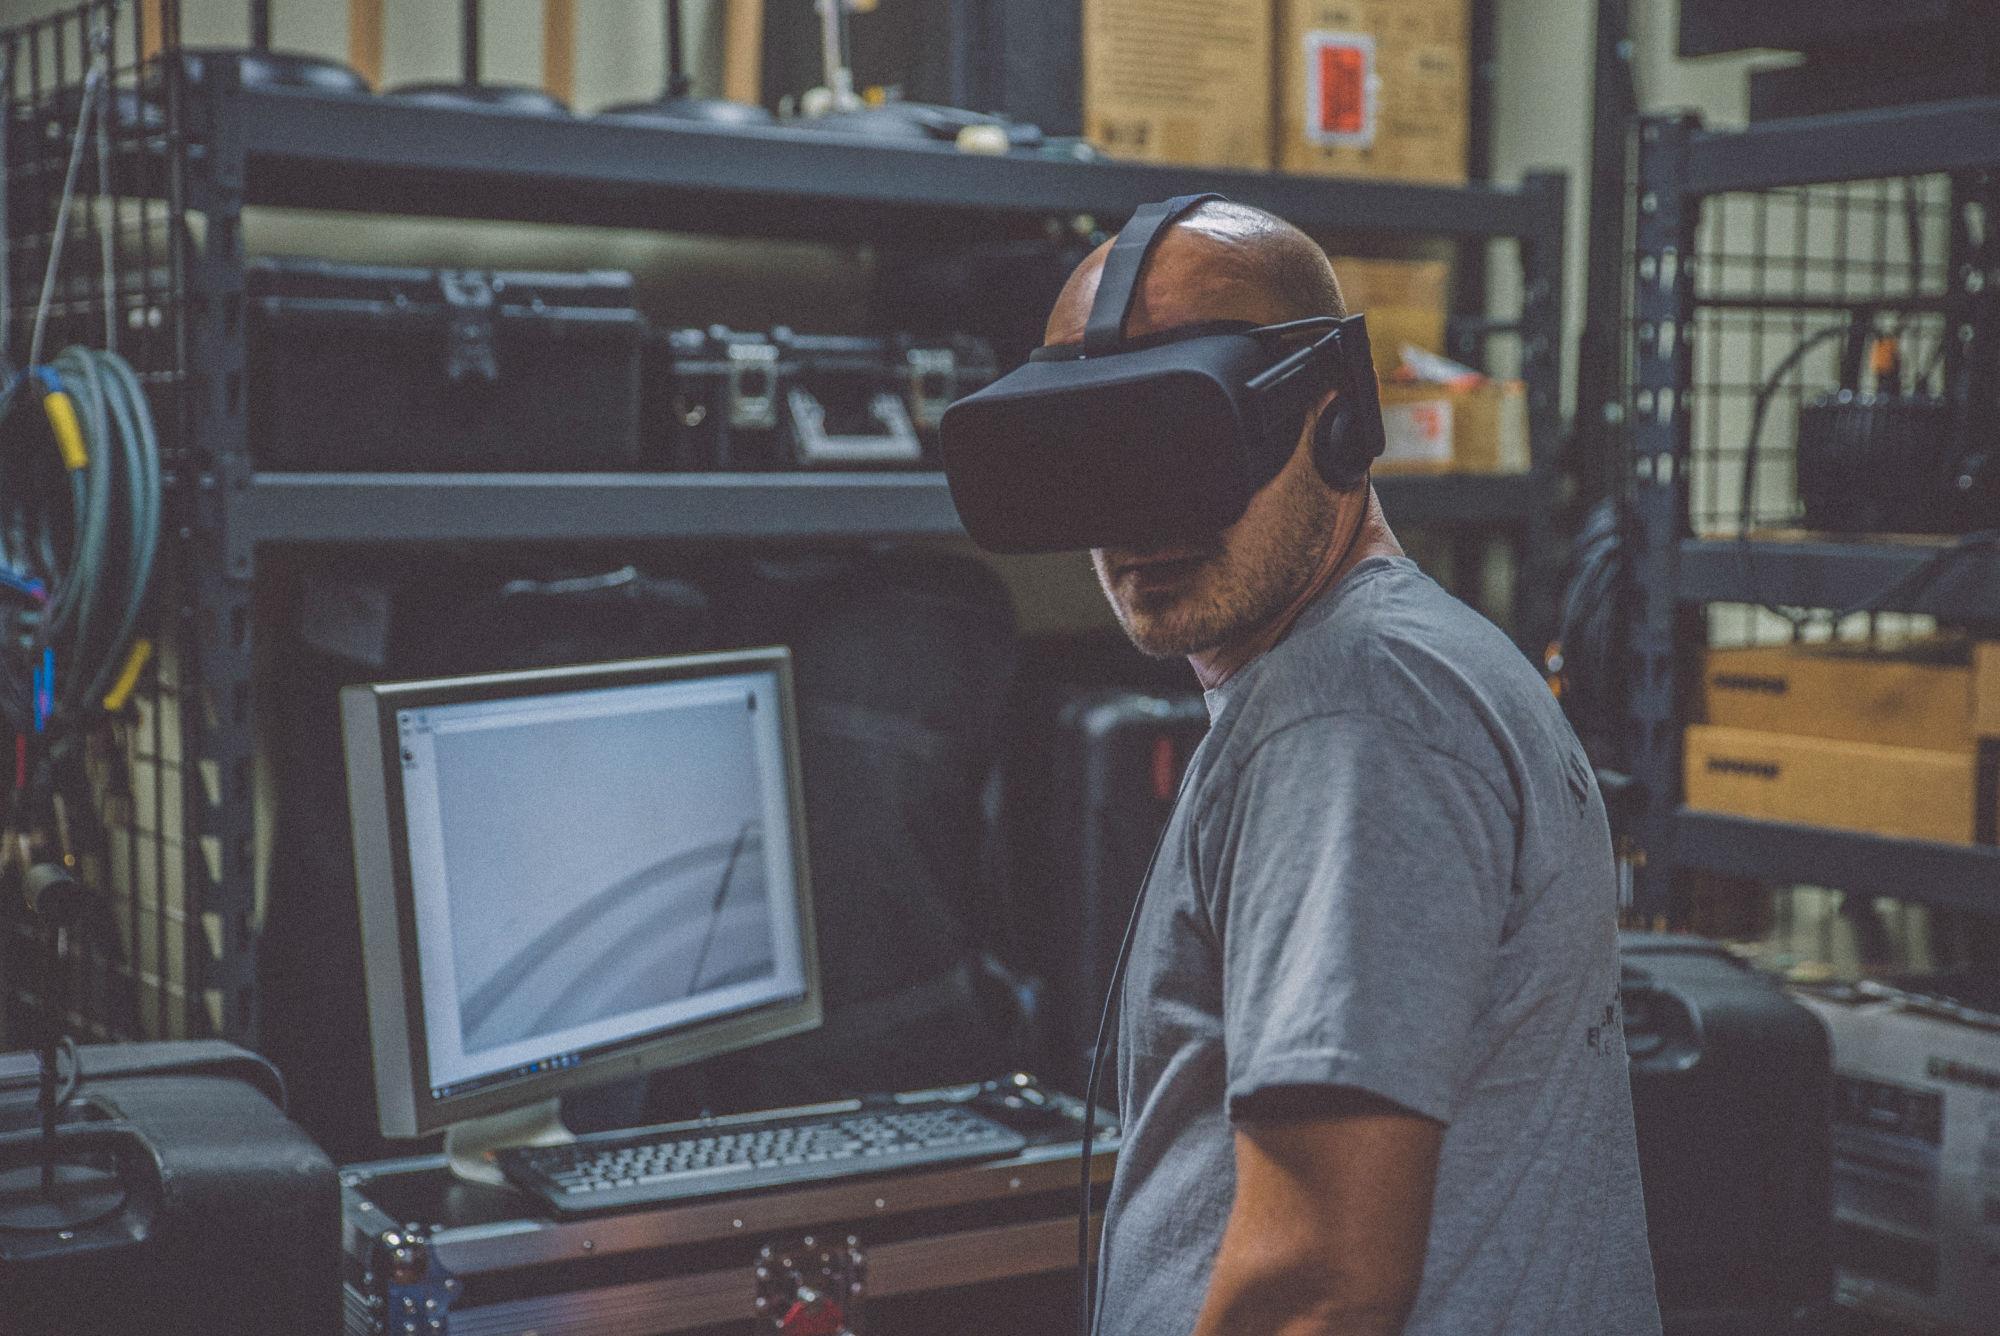 Быть технофобом бессмысленно, даже если технофобия оправдана - 4